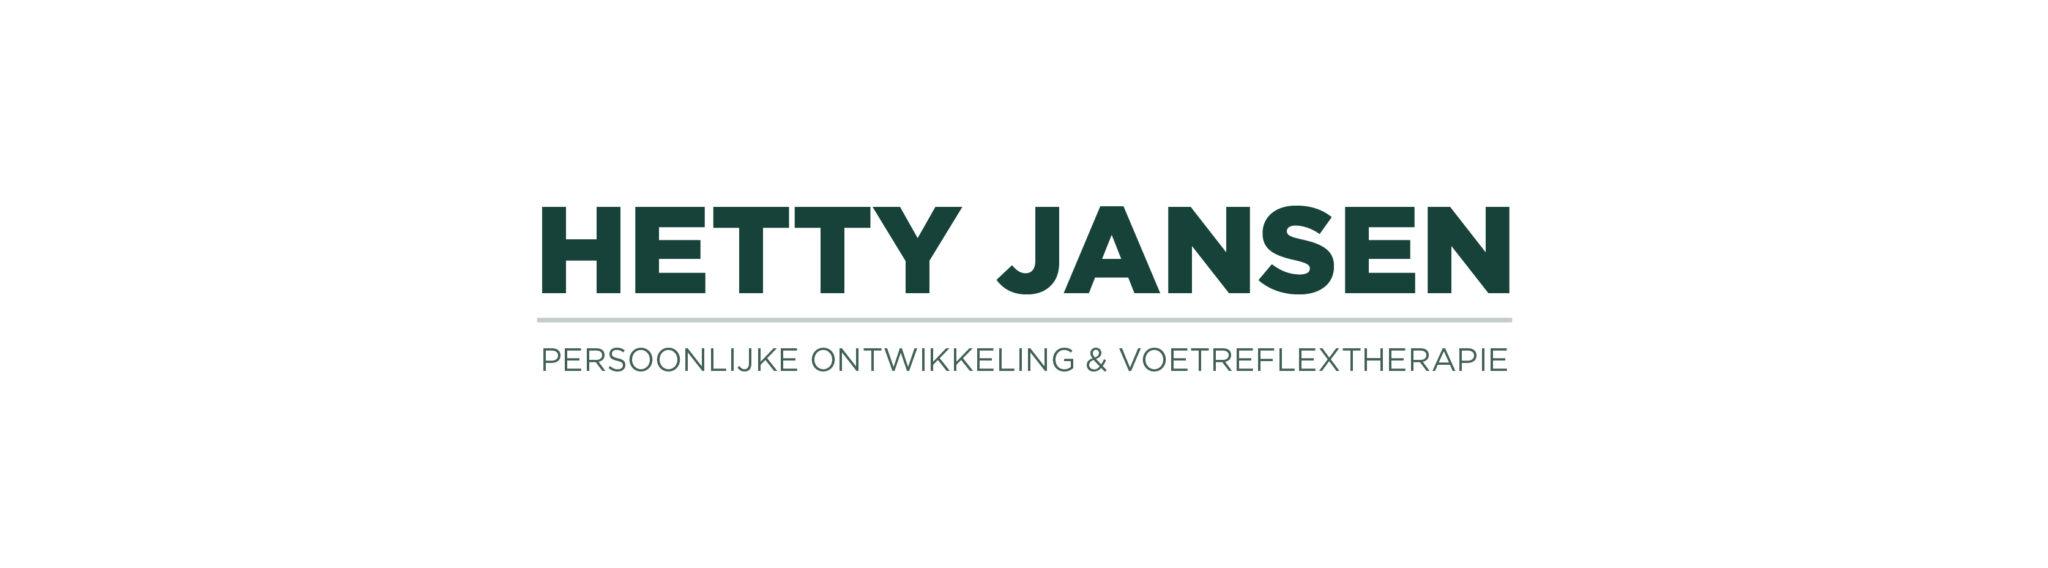 Hetty Jansen